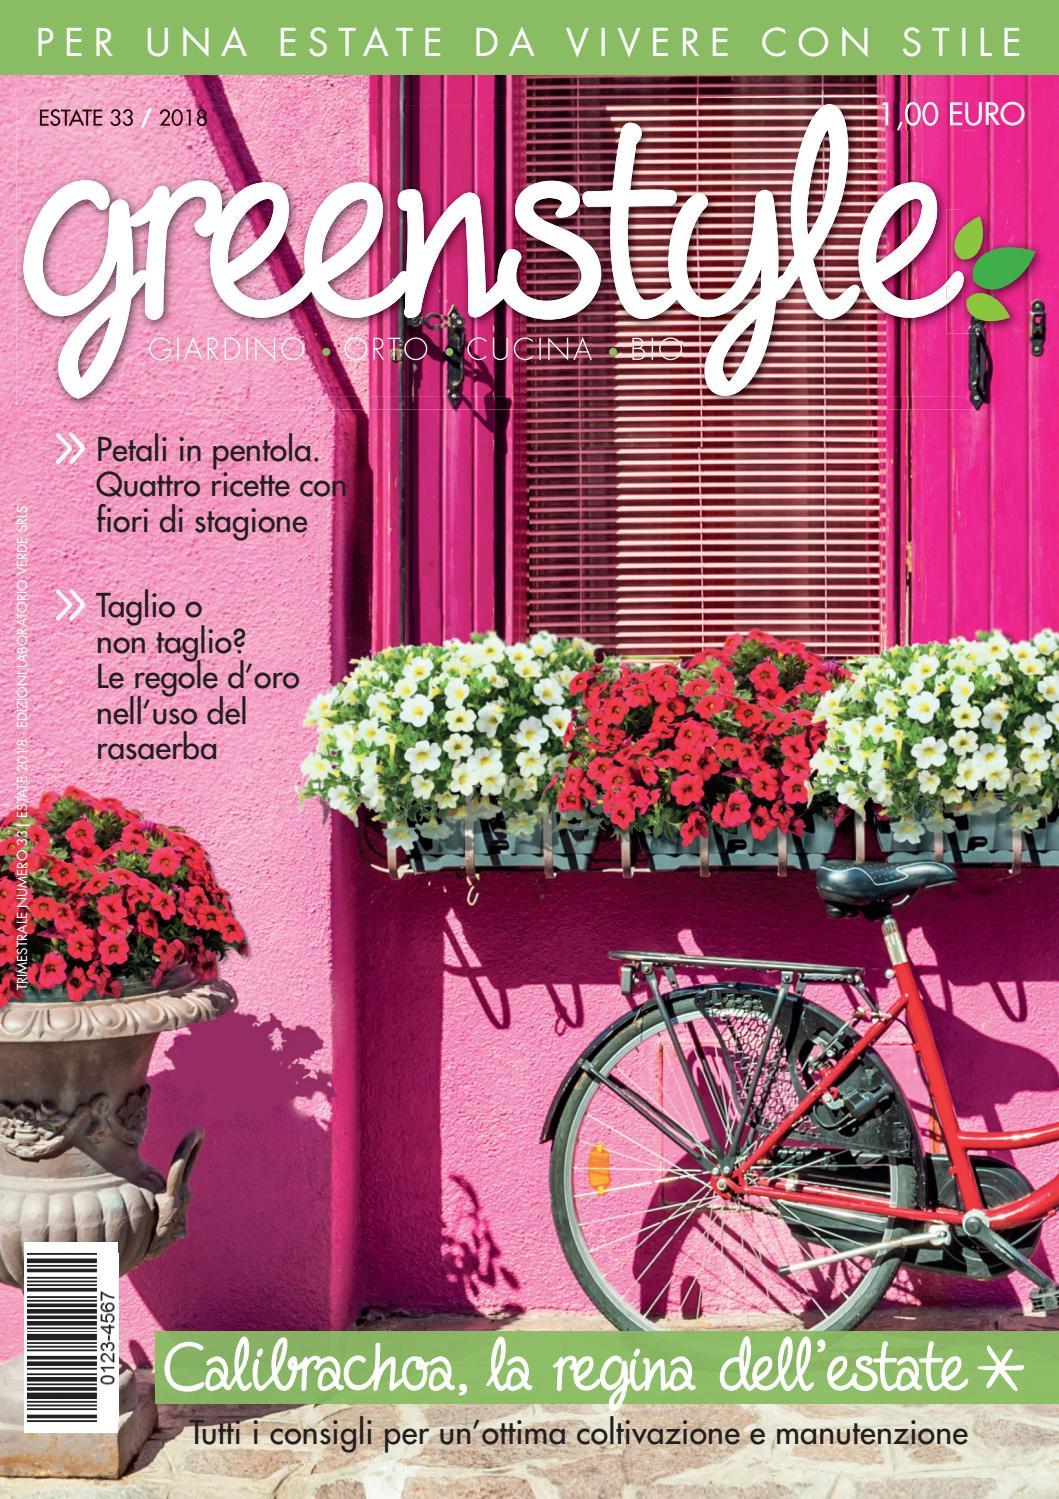 Fiori Di Stagione Settembre greenstyle estate 2018 by edizioni laboratorio verde - issuu